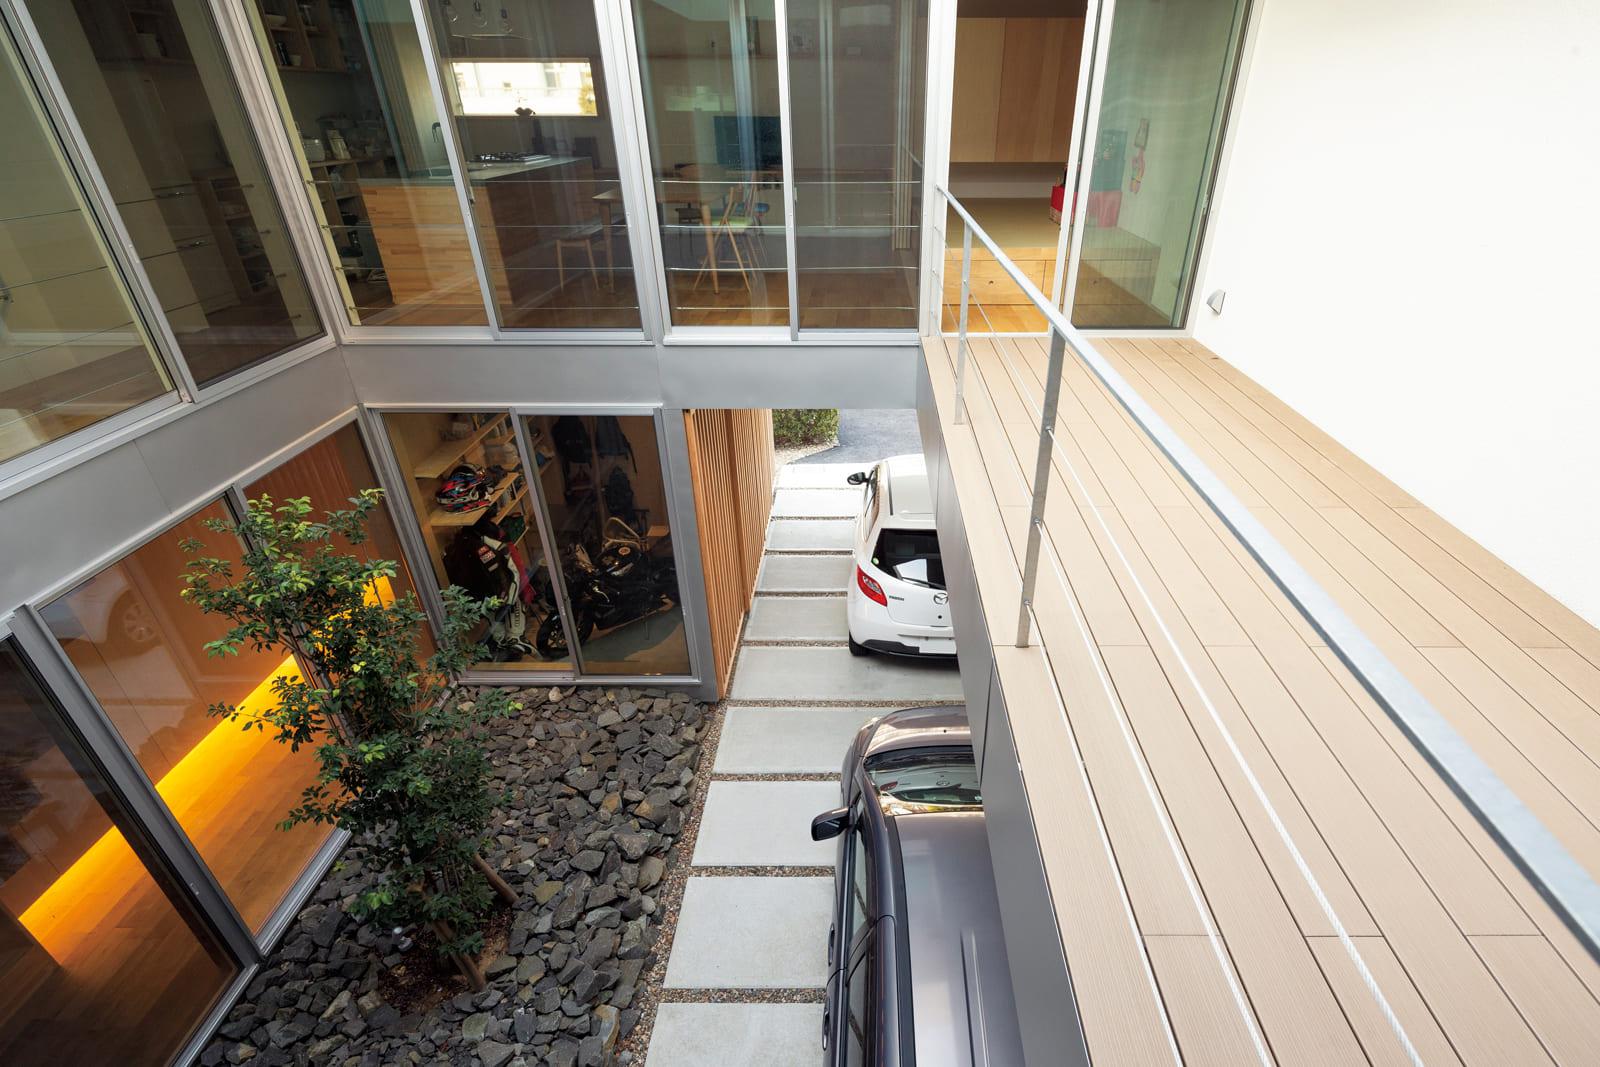 正面の2階部分にLDKが設けられている。その下に、中庭とバイクガレージが見える